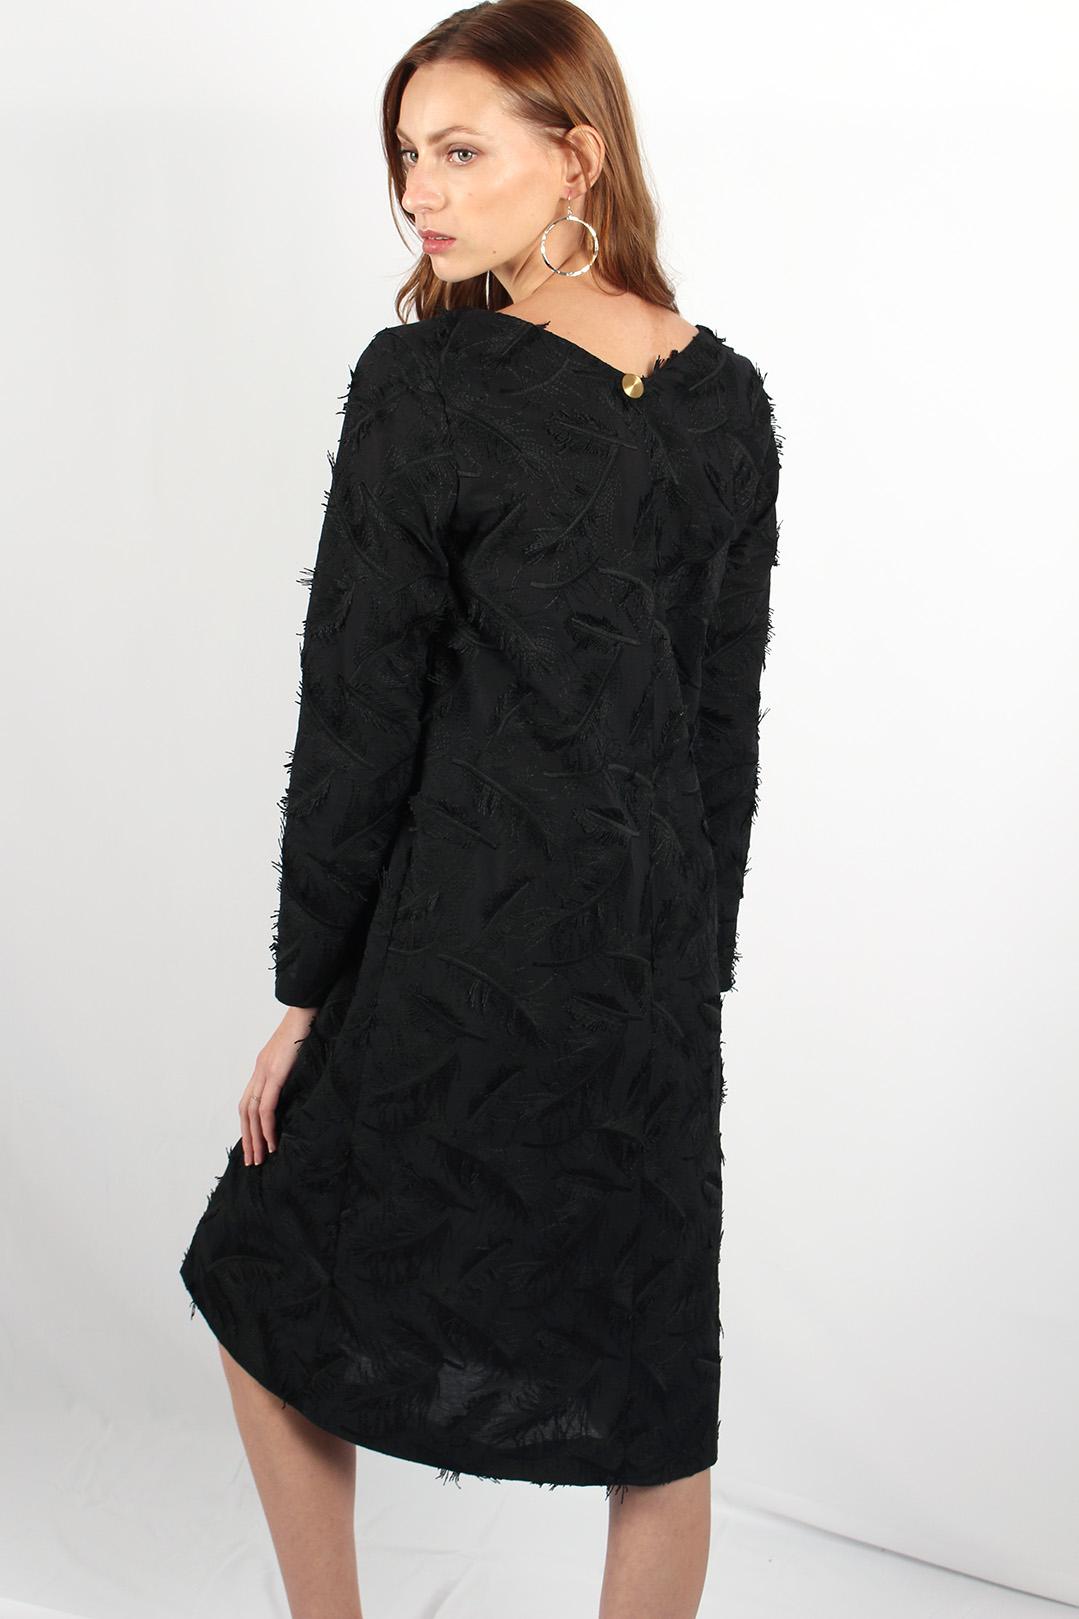 robe droite noire en coton7